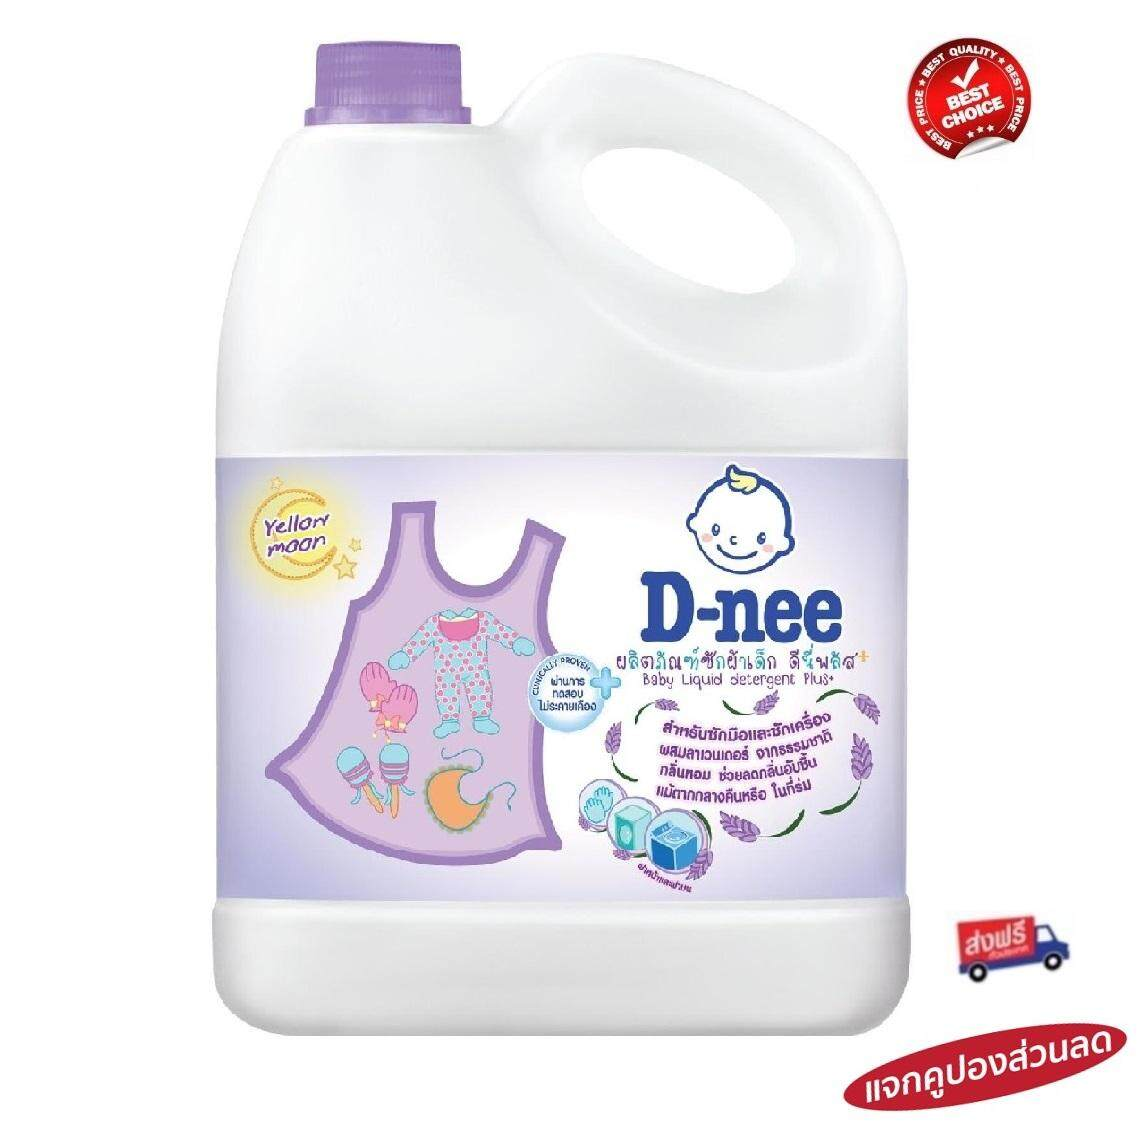 แนะนำ (ส่งฟรี) d nee ขนาด 3000 มล น้ำยาซักผ้าเด็ก ดีนี่ สีม่วง กลิ่น Yellow moon จำนวน 1 แกลลอน